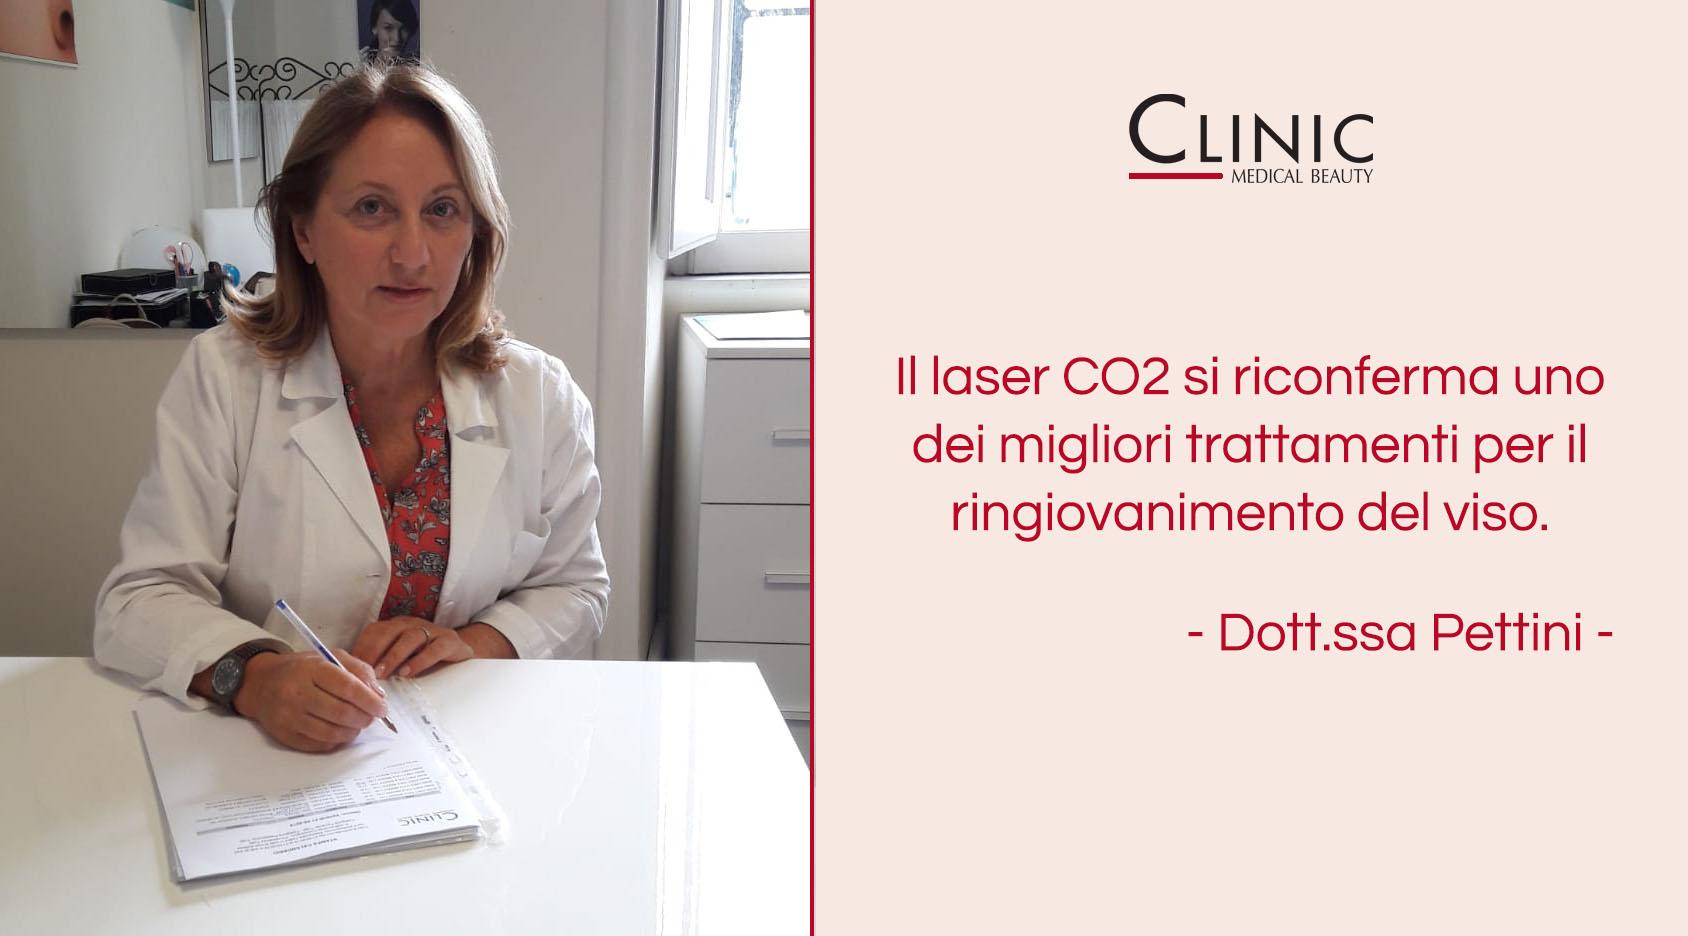 Pelle liscia e senza imperfezioni: il laser CO2 con la Dott.ssa Pettini